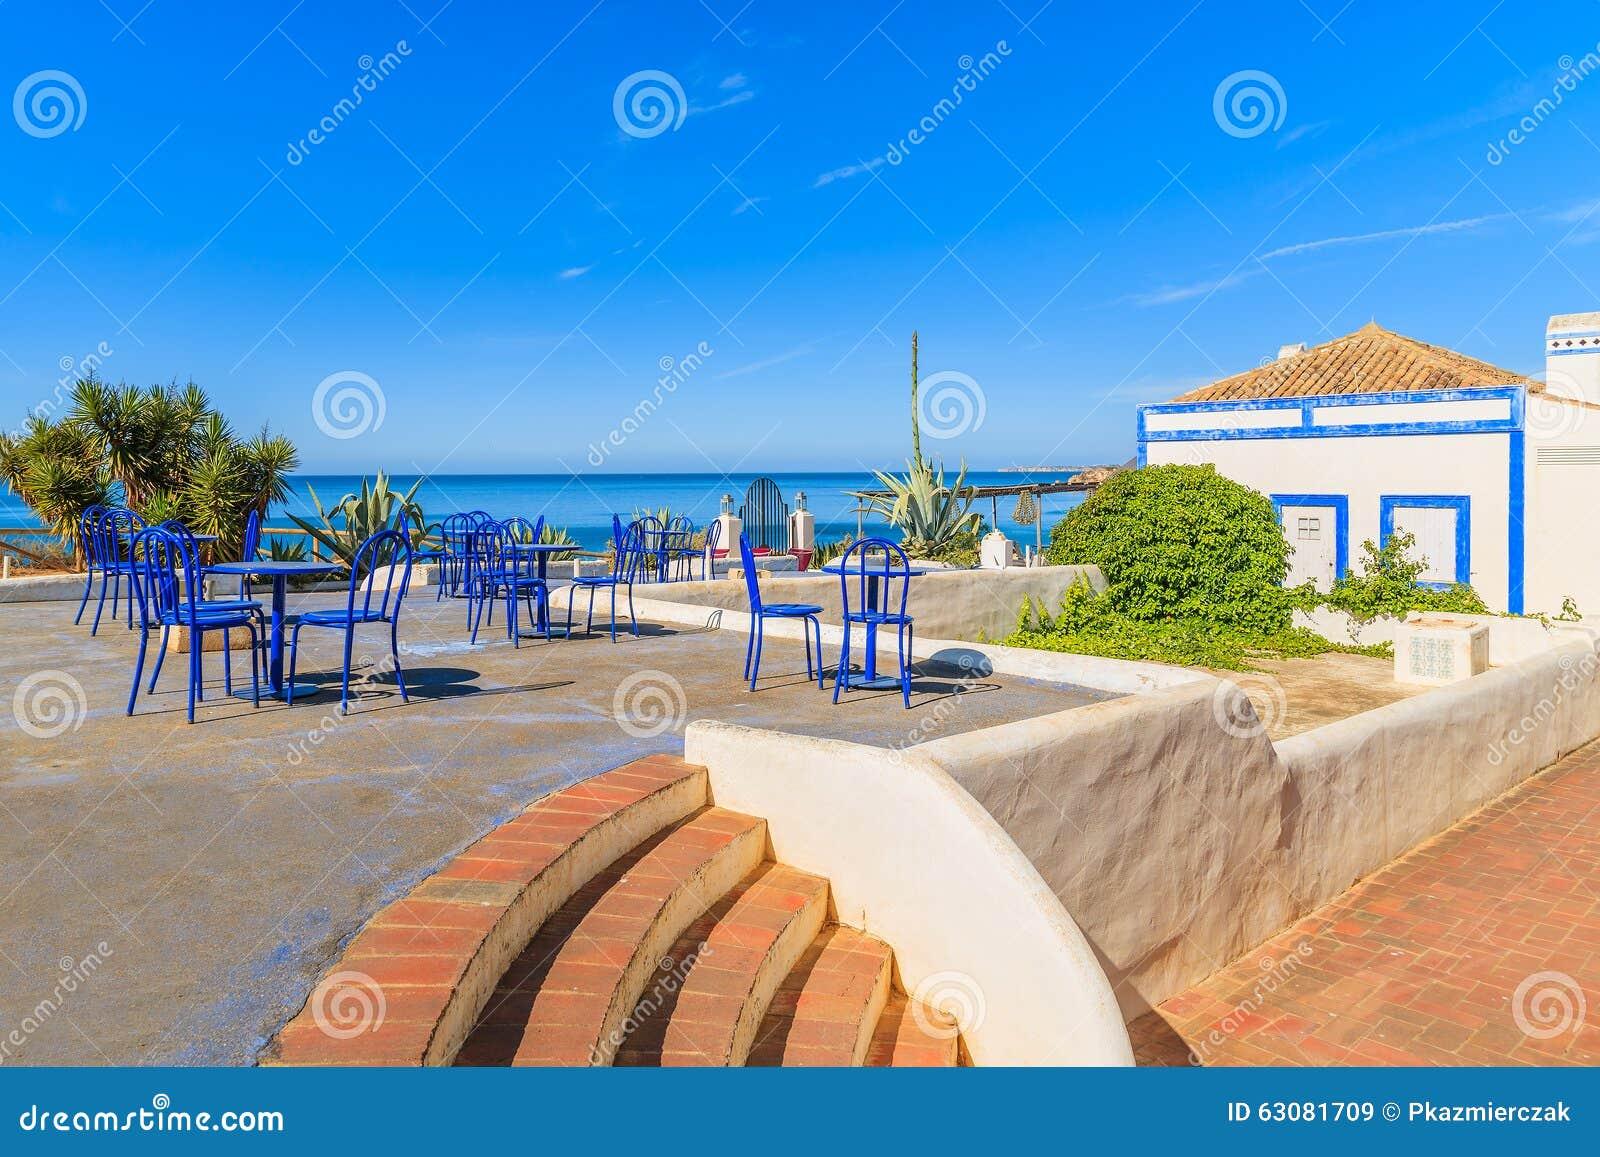 Download Tableaux Avec Des Chaises D'un Restaurant Image stock - Image du maison, nature: 63081709